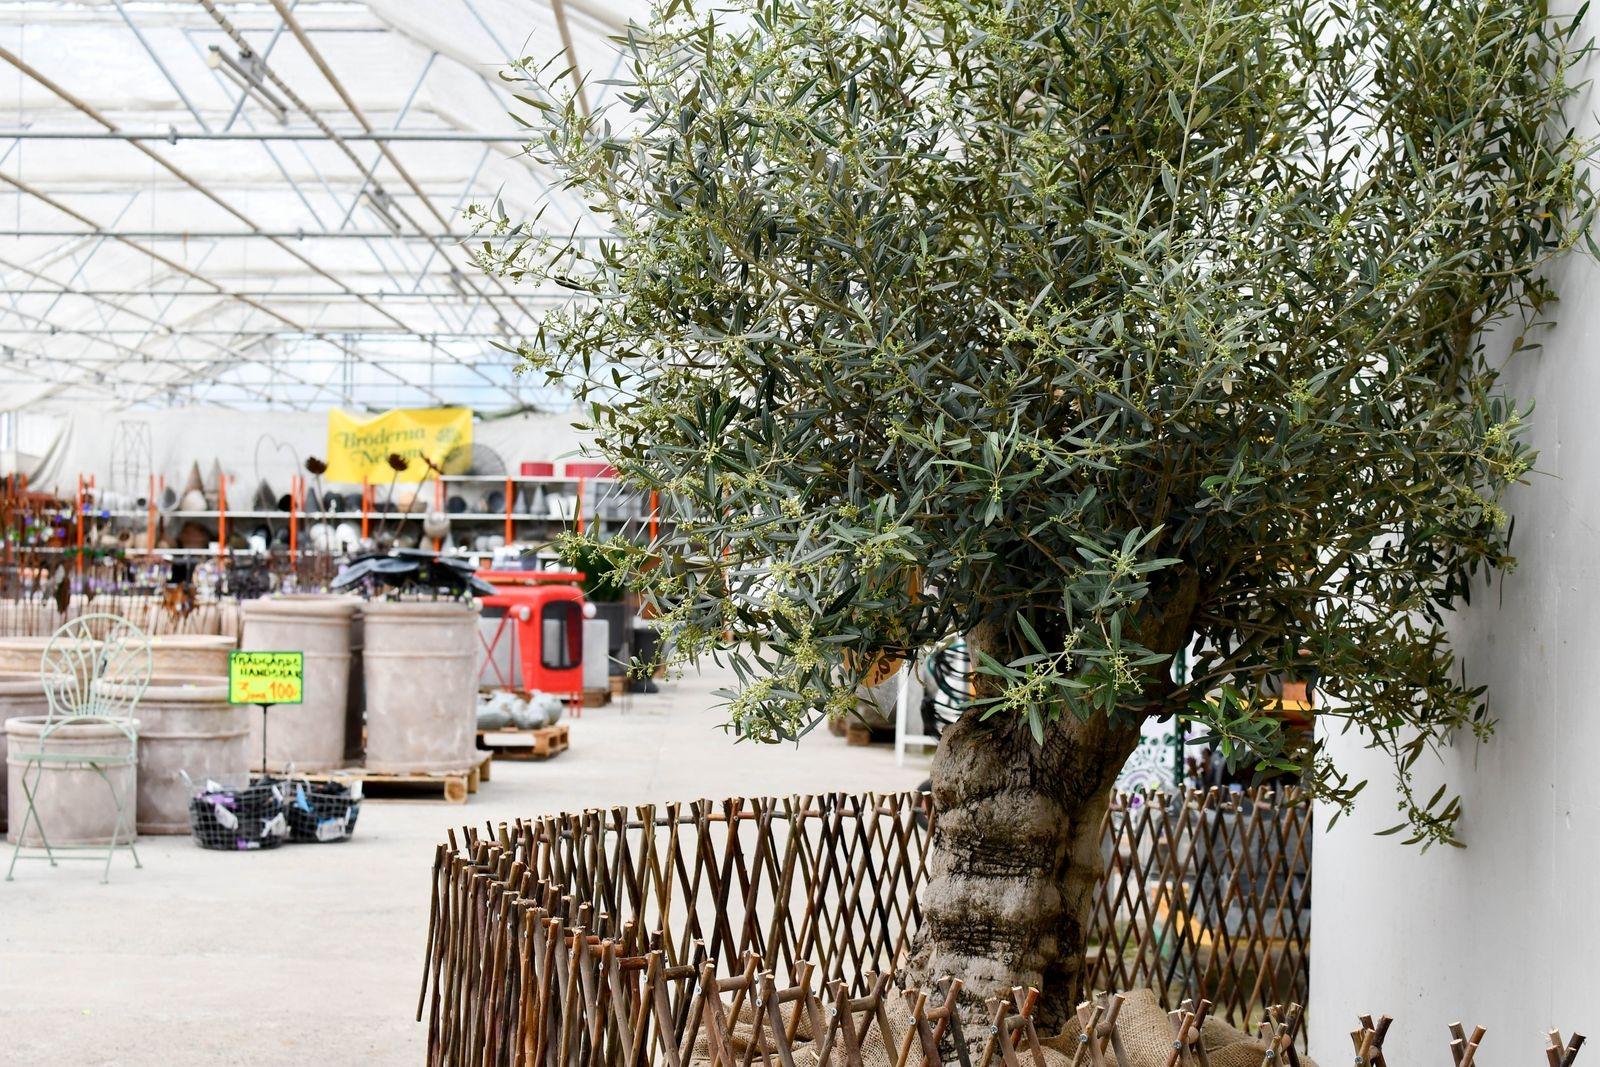 Det går mycket trender i branschen, men en trend som håller i sig är suget efter medelhavsväxter. Just nu finns ett 200 år gammalt olivträd till salu i handelsträdgården.